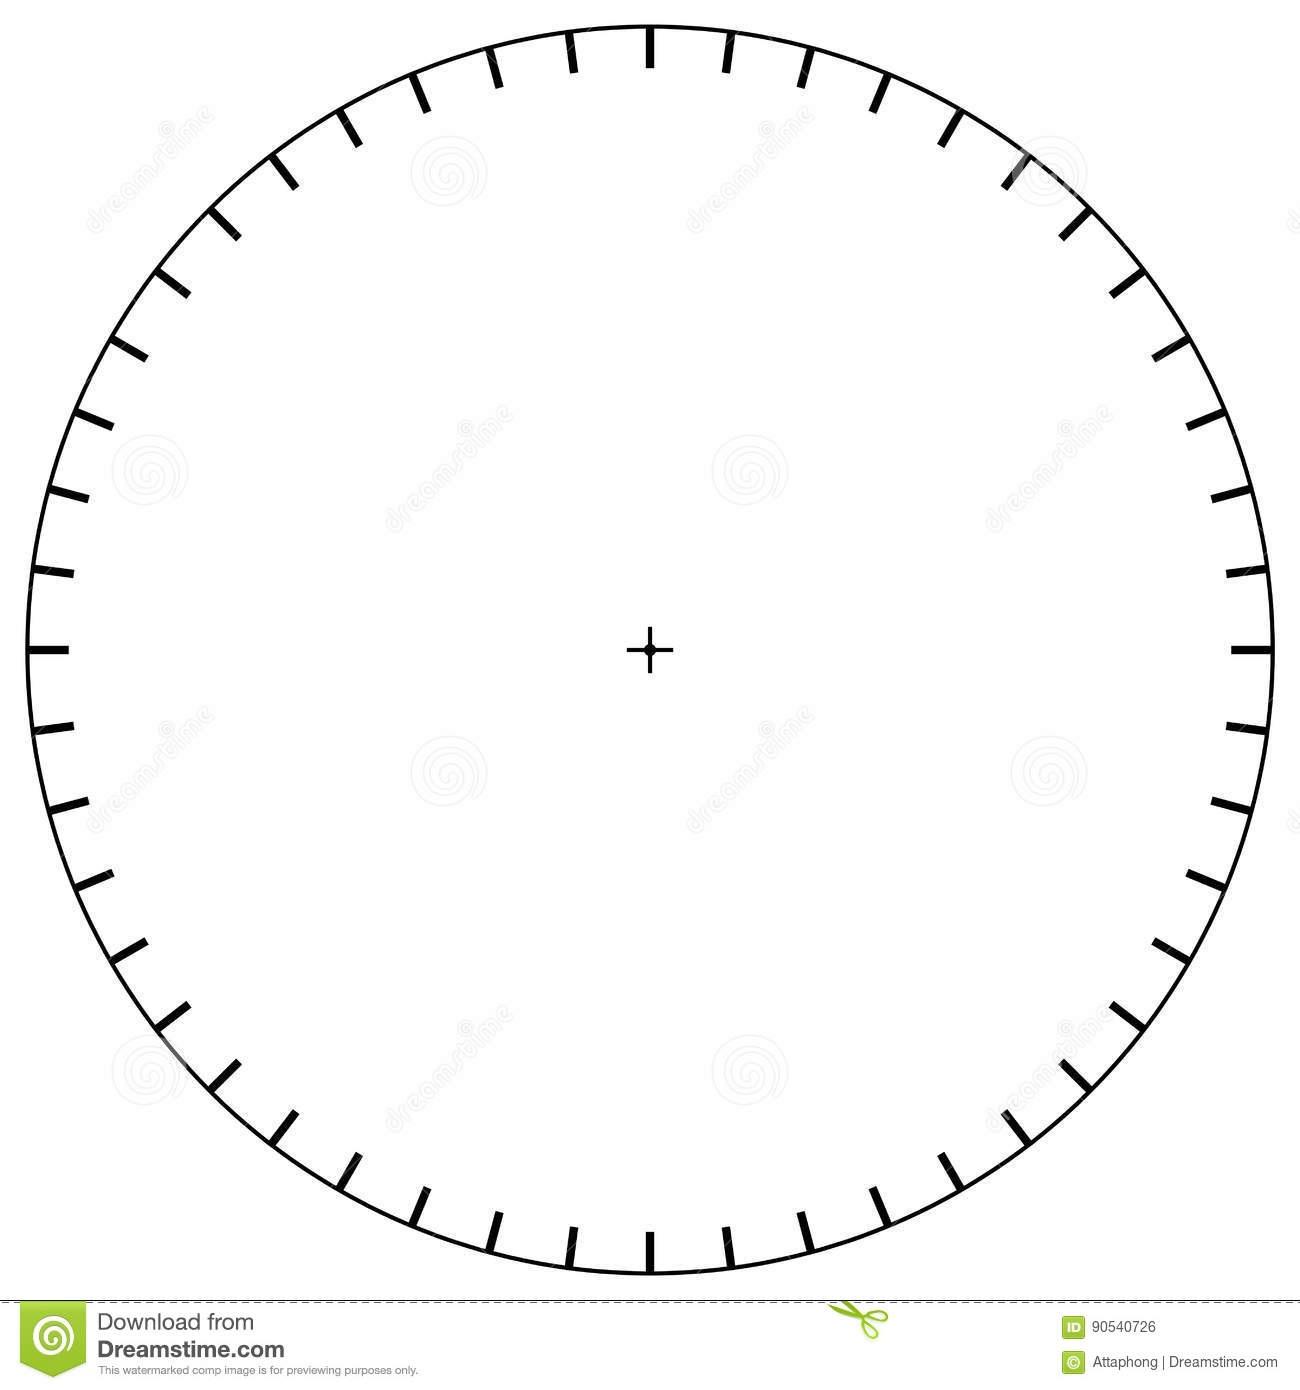 Blank Pie Chart - Kaza.psstech.co - Free Printable Pie Chart